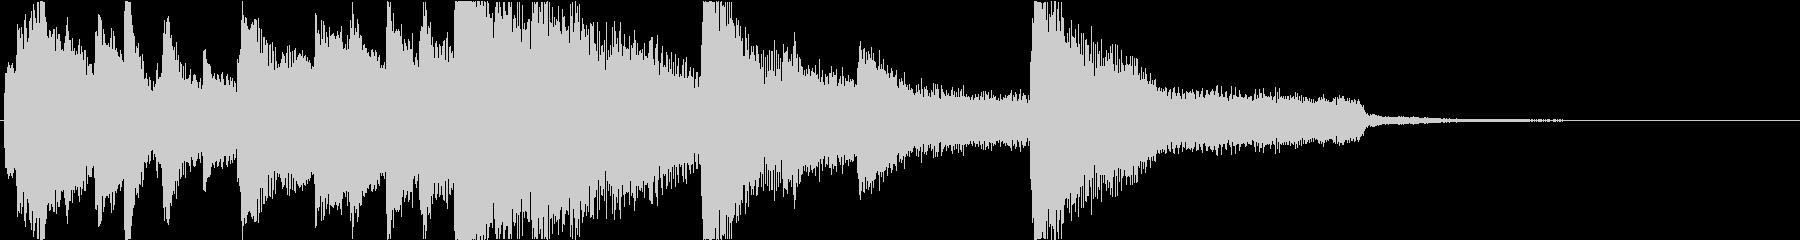 ピアノの静かなエンディングジングルの未再生の波形